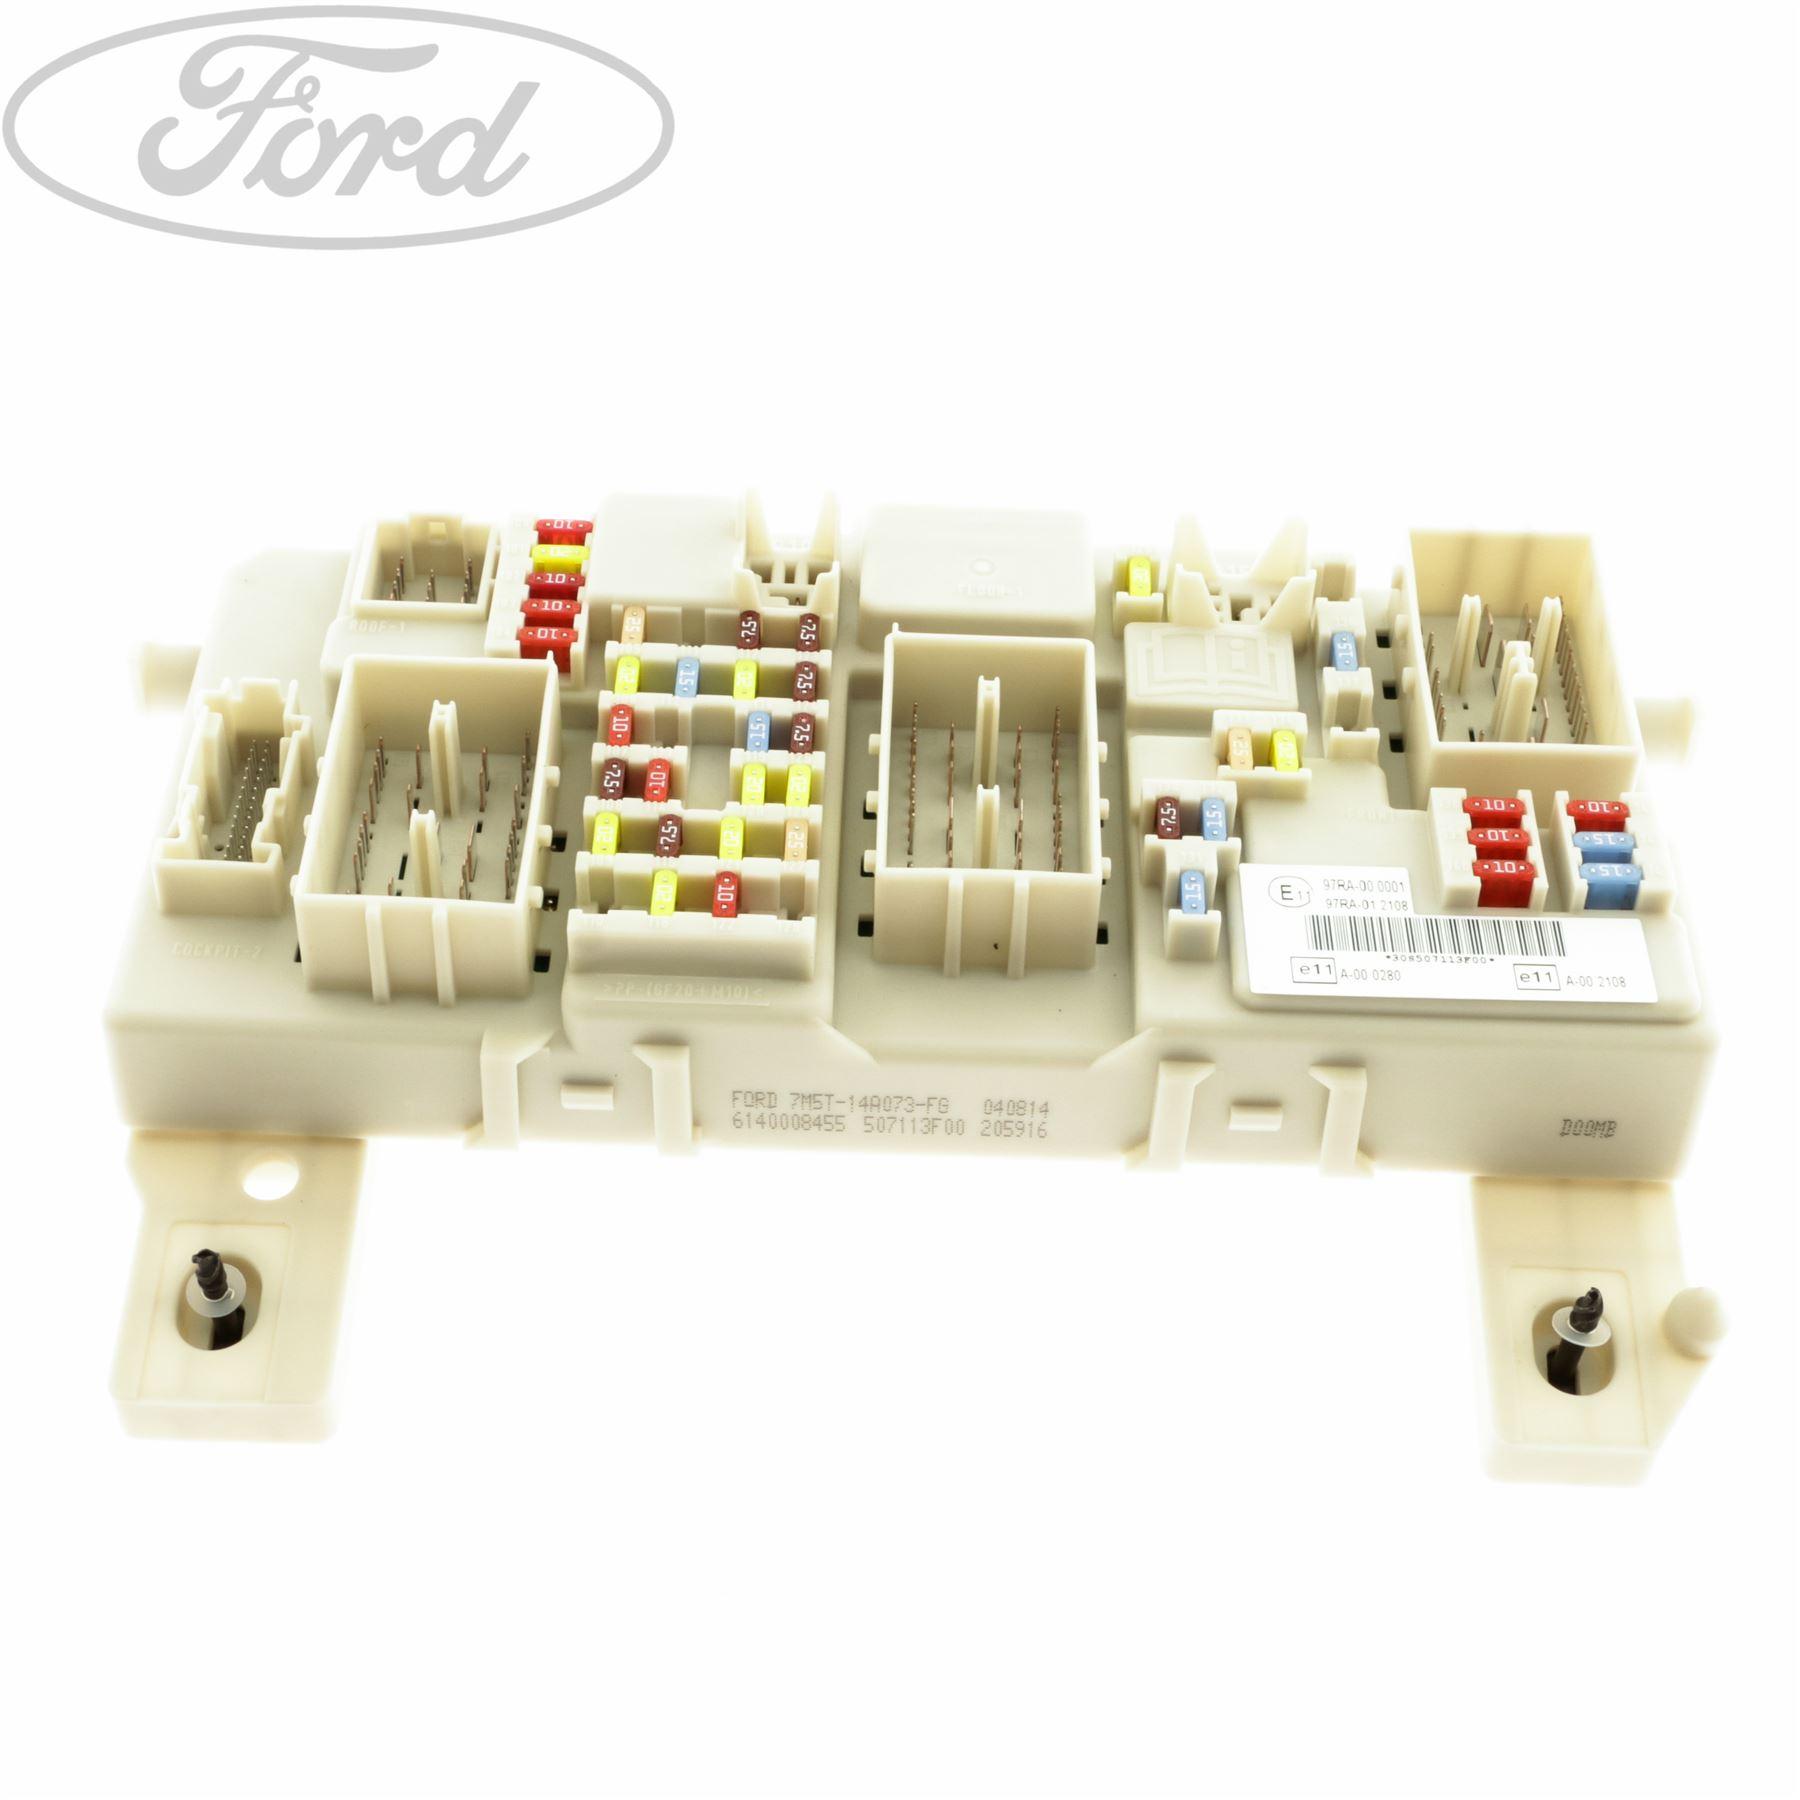 genuine ford c max focus mk2 kuga mk1 focus c max fuse. Black Bedroom Furniture Sets. Home Design Ideas